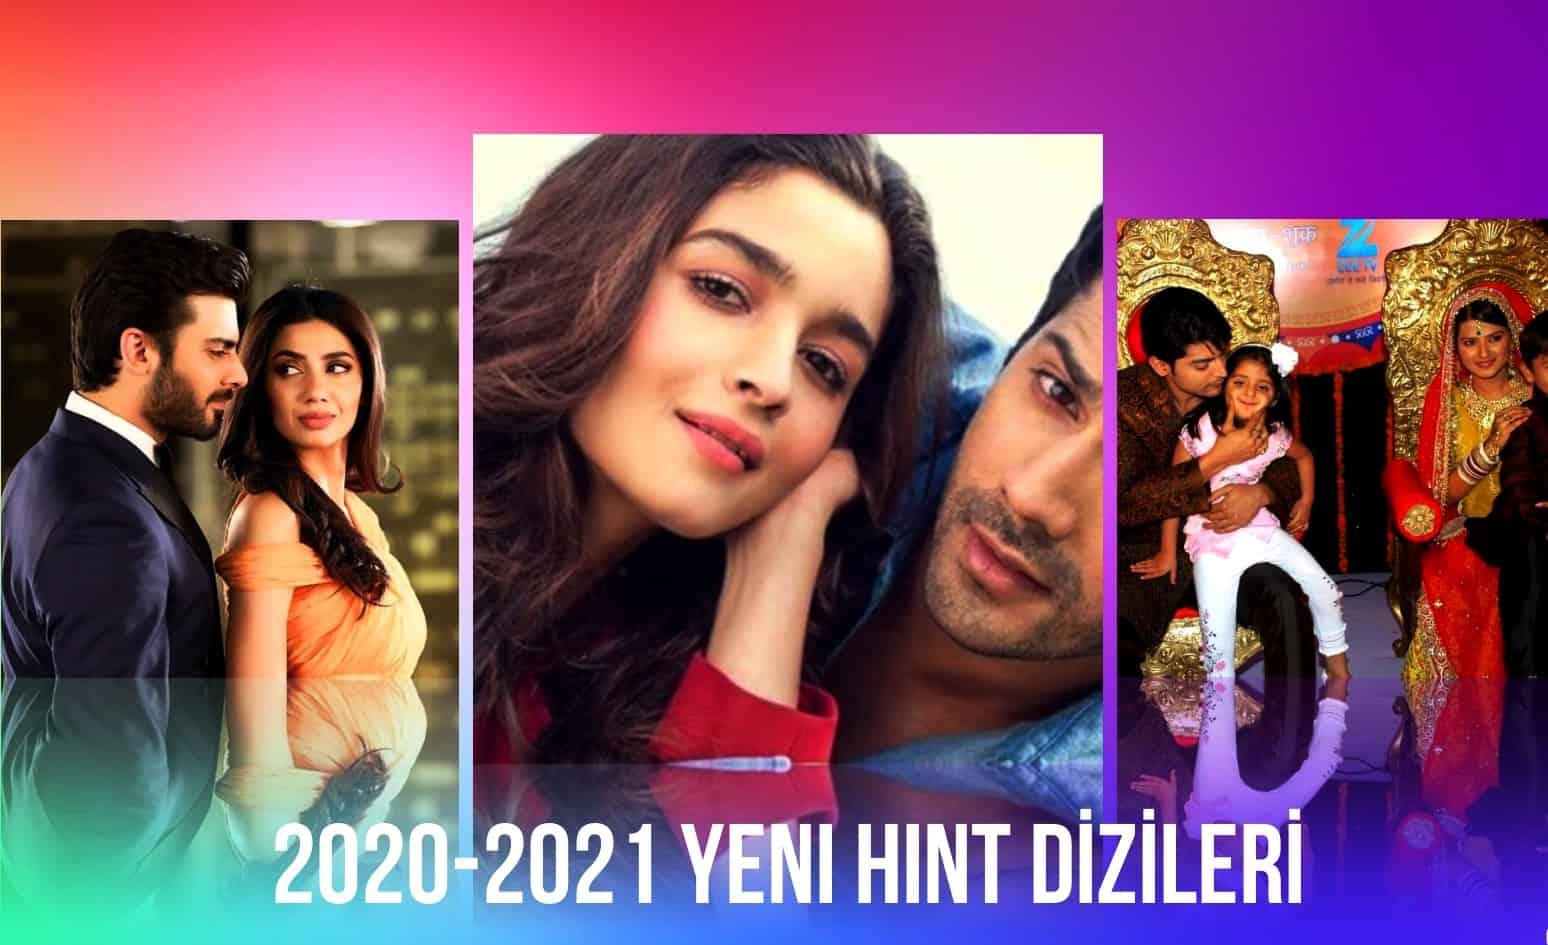 KANAL 7 de yayınlanacak Yeni Hint DİZİLERİ 2020-2021